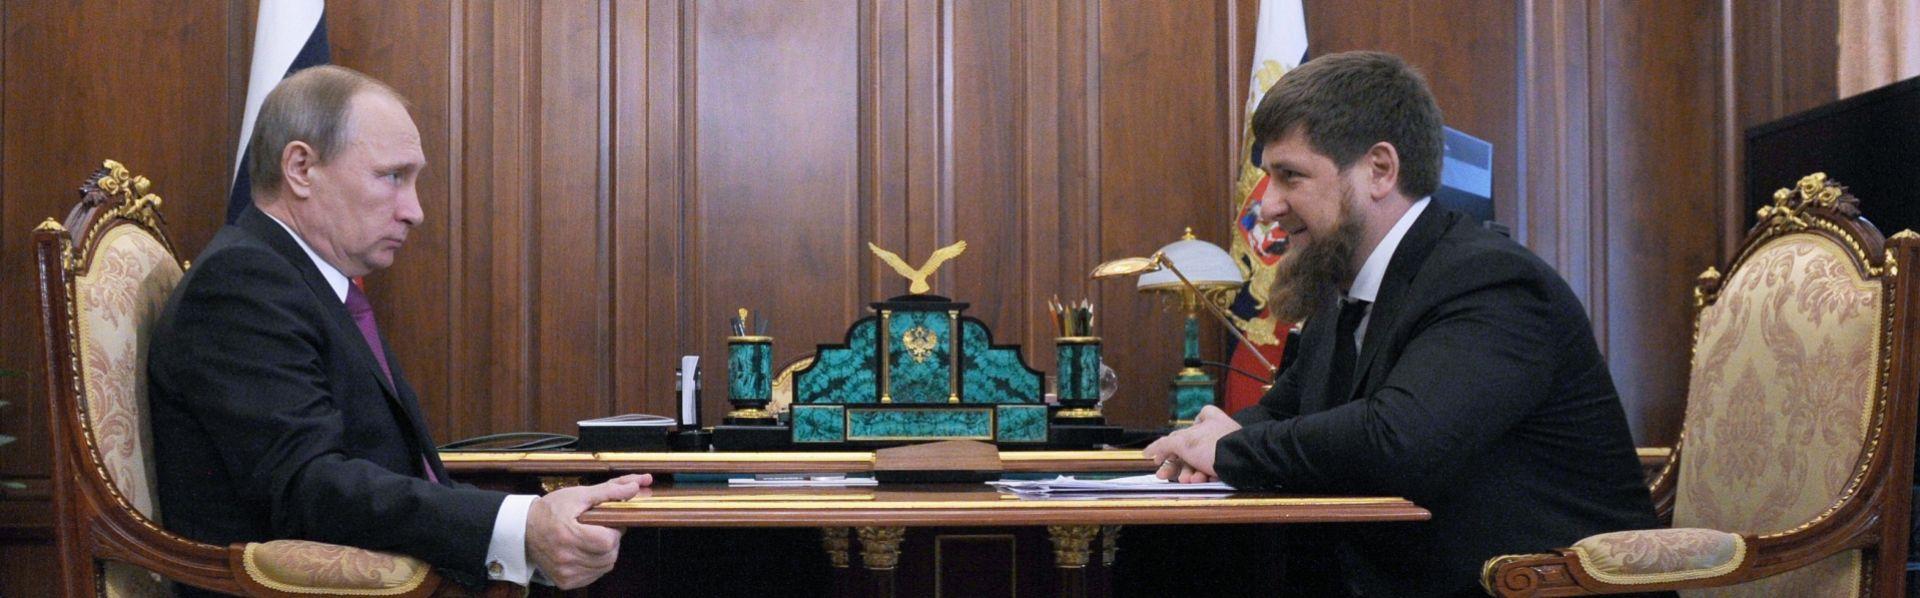 09.09.18. Expectations. Ingushetia